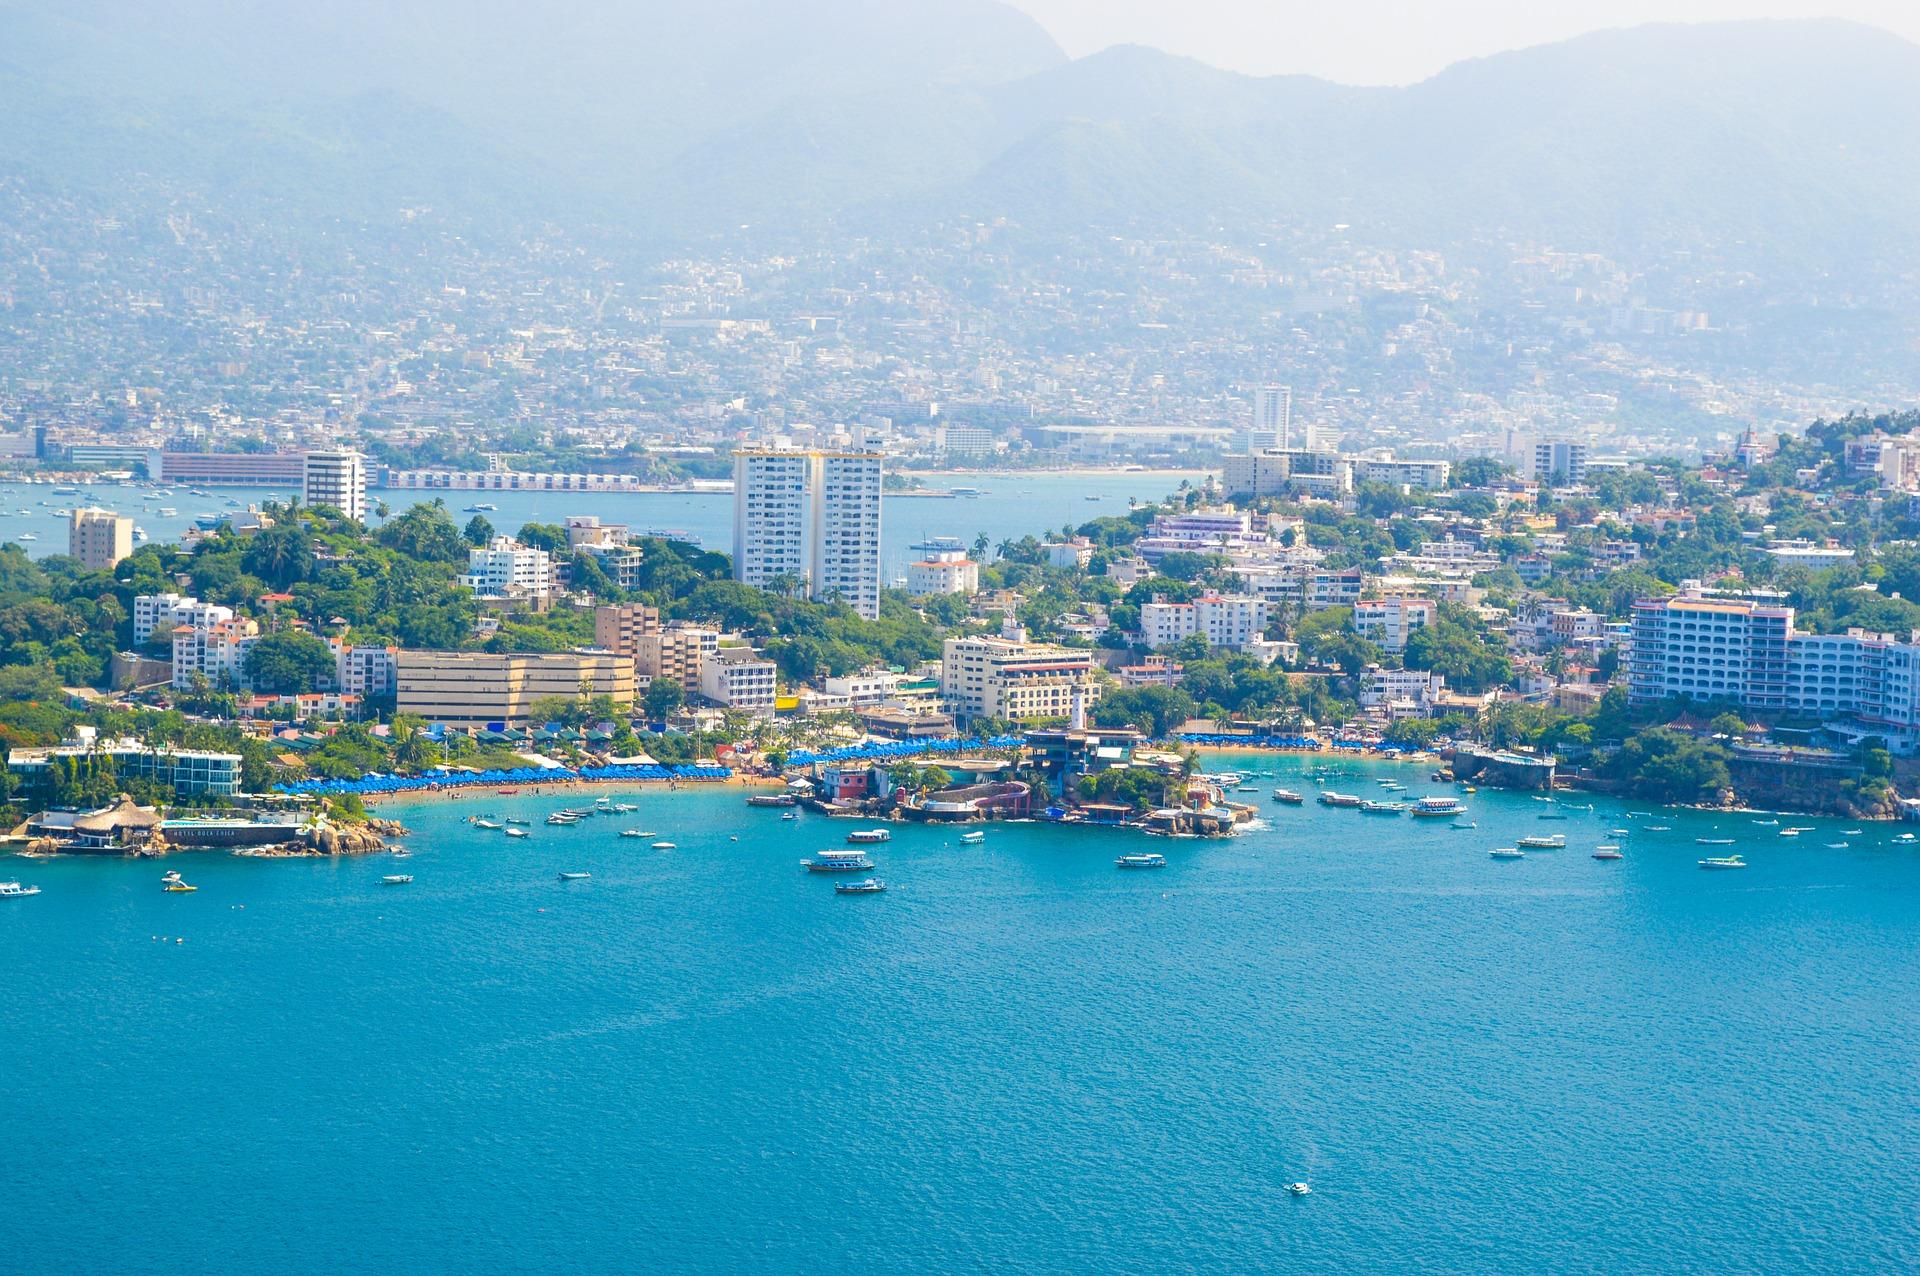 Hotelkomplex von Acapulco